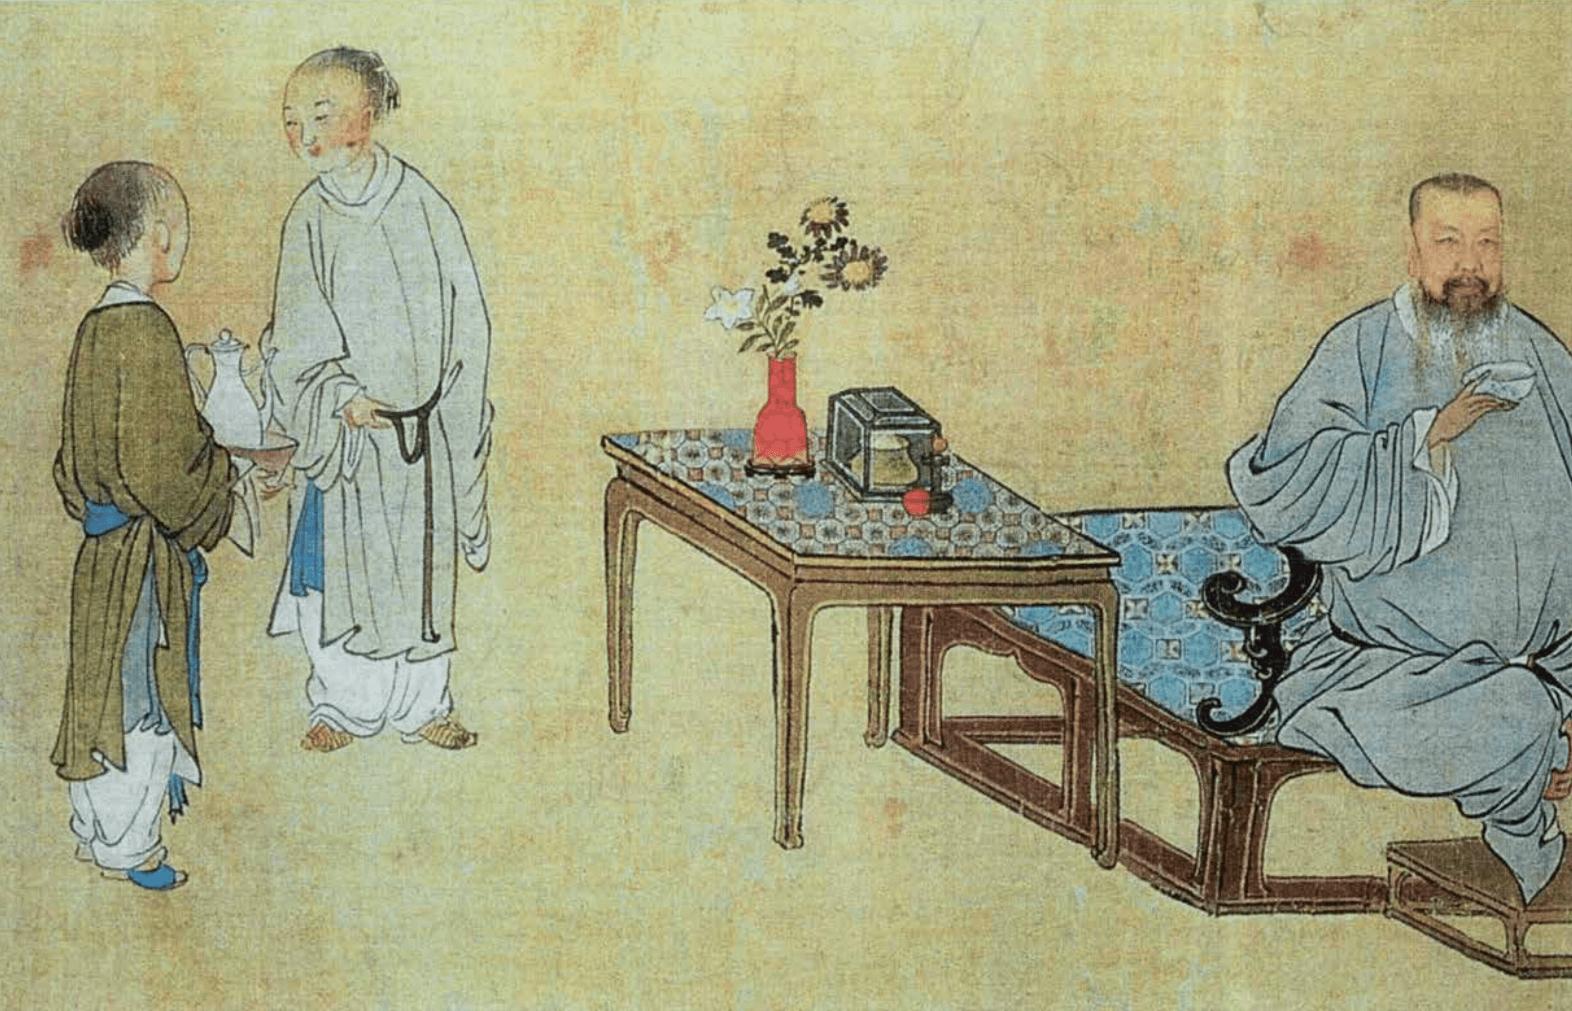 清代禹之鼎(1647–1716)作《王原祁藝菊圖》北京故宮博物院藏(局部)